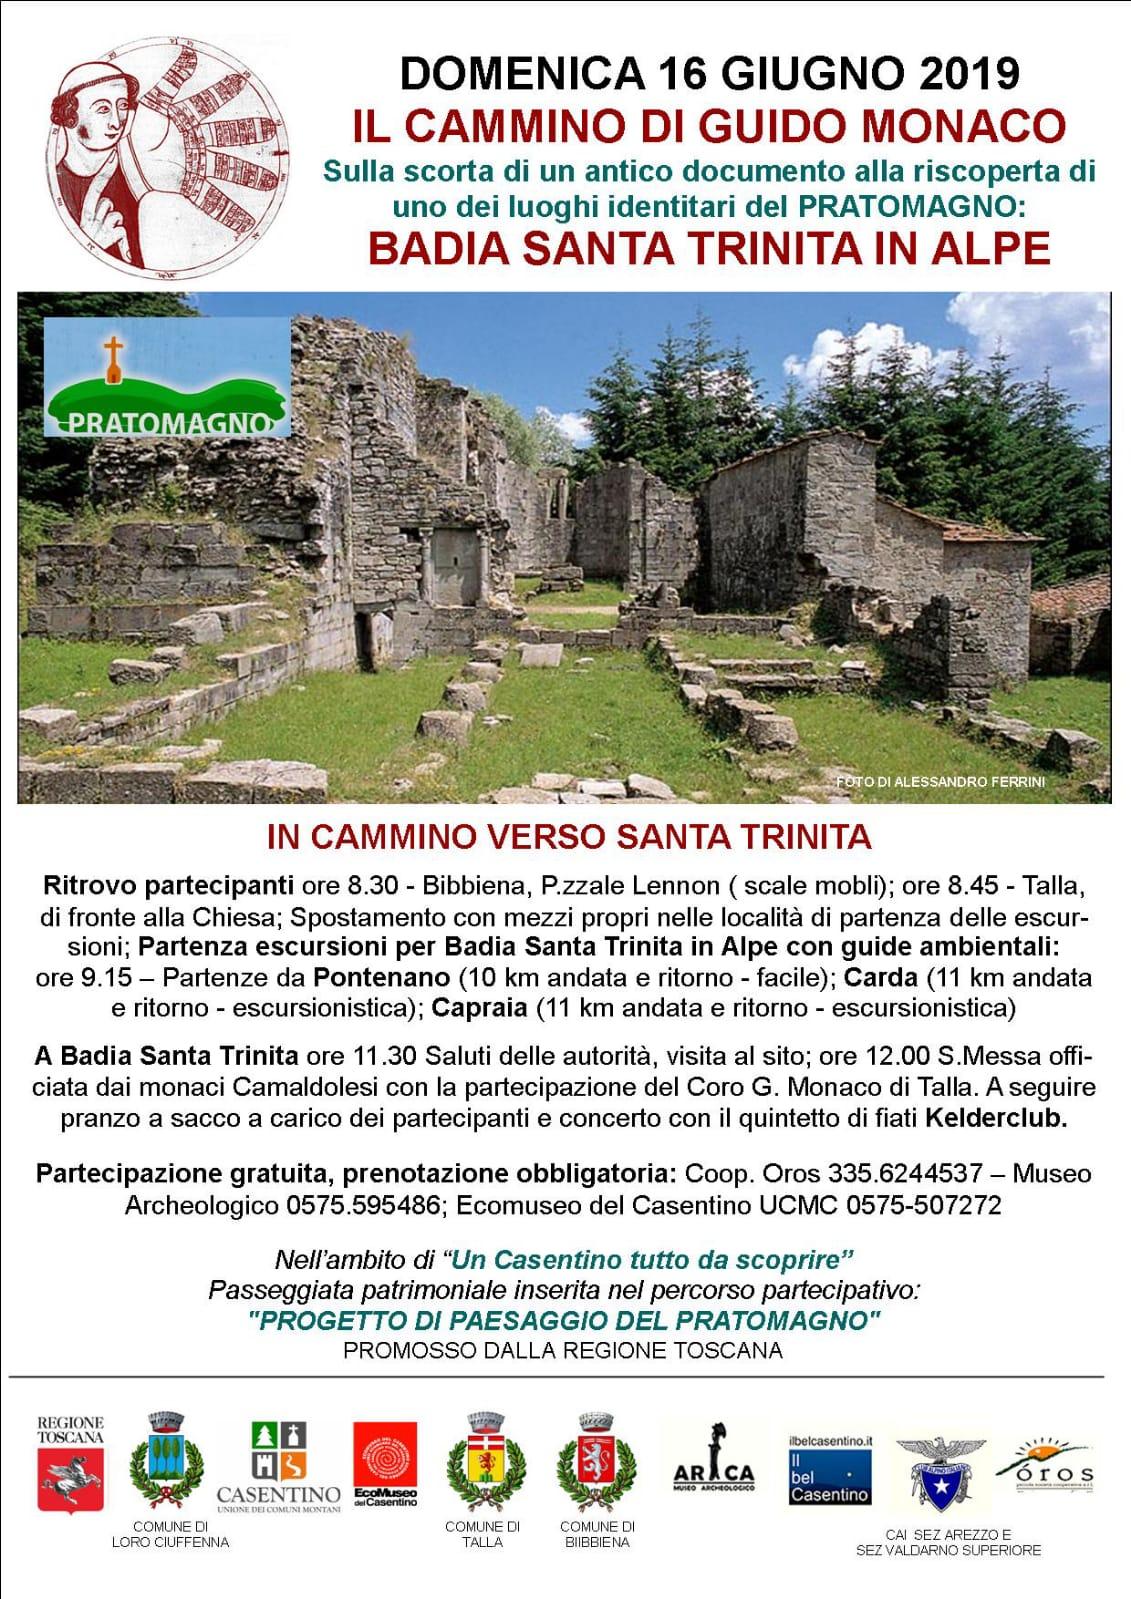 Badia Santa Trinita in Alpe